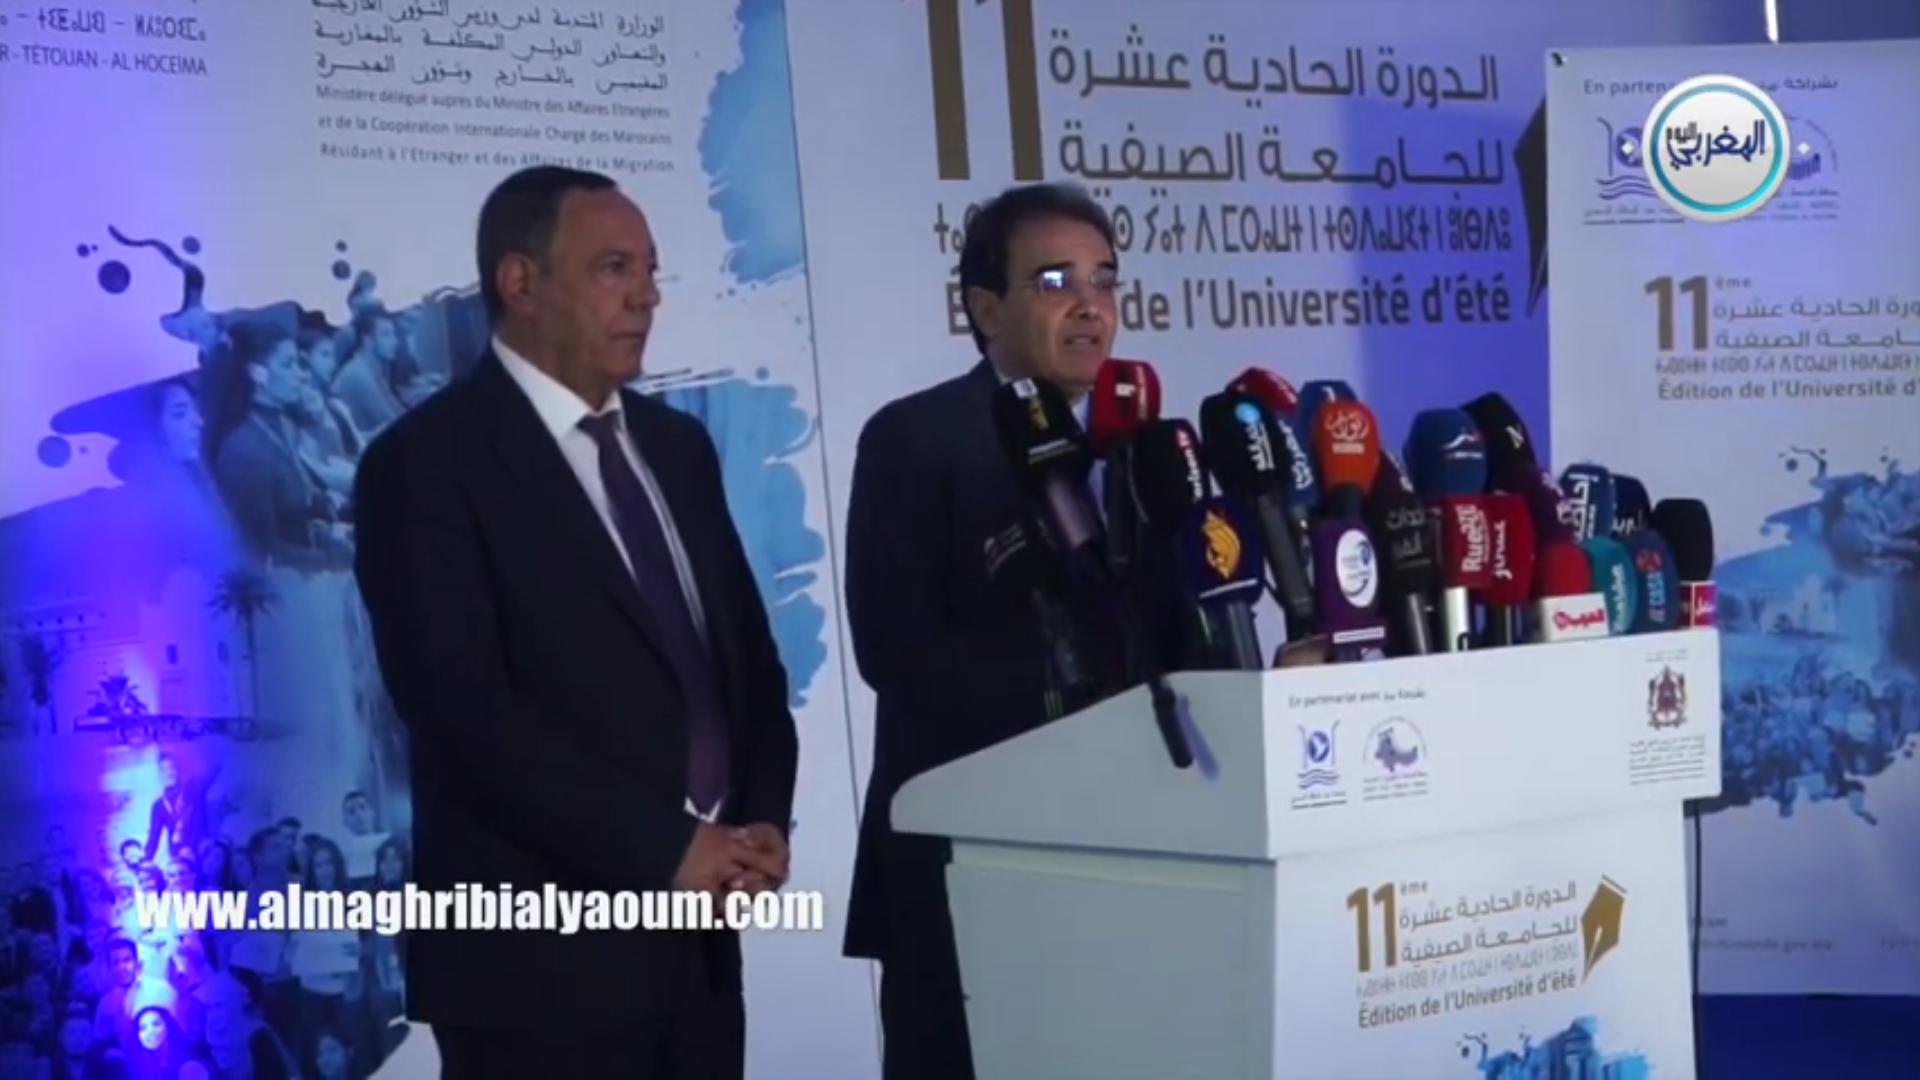 بالفيديو… بنعتيق يتحدث من قلب تطوان عن أكبر الأوراش التي أطلقها الملك محمد السادس خلال العشرين سنة من الحكم